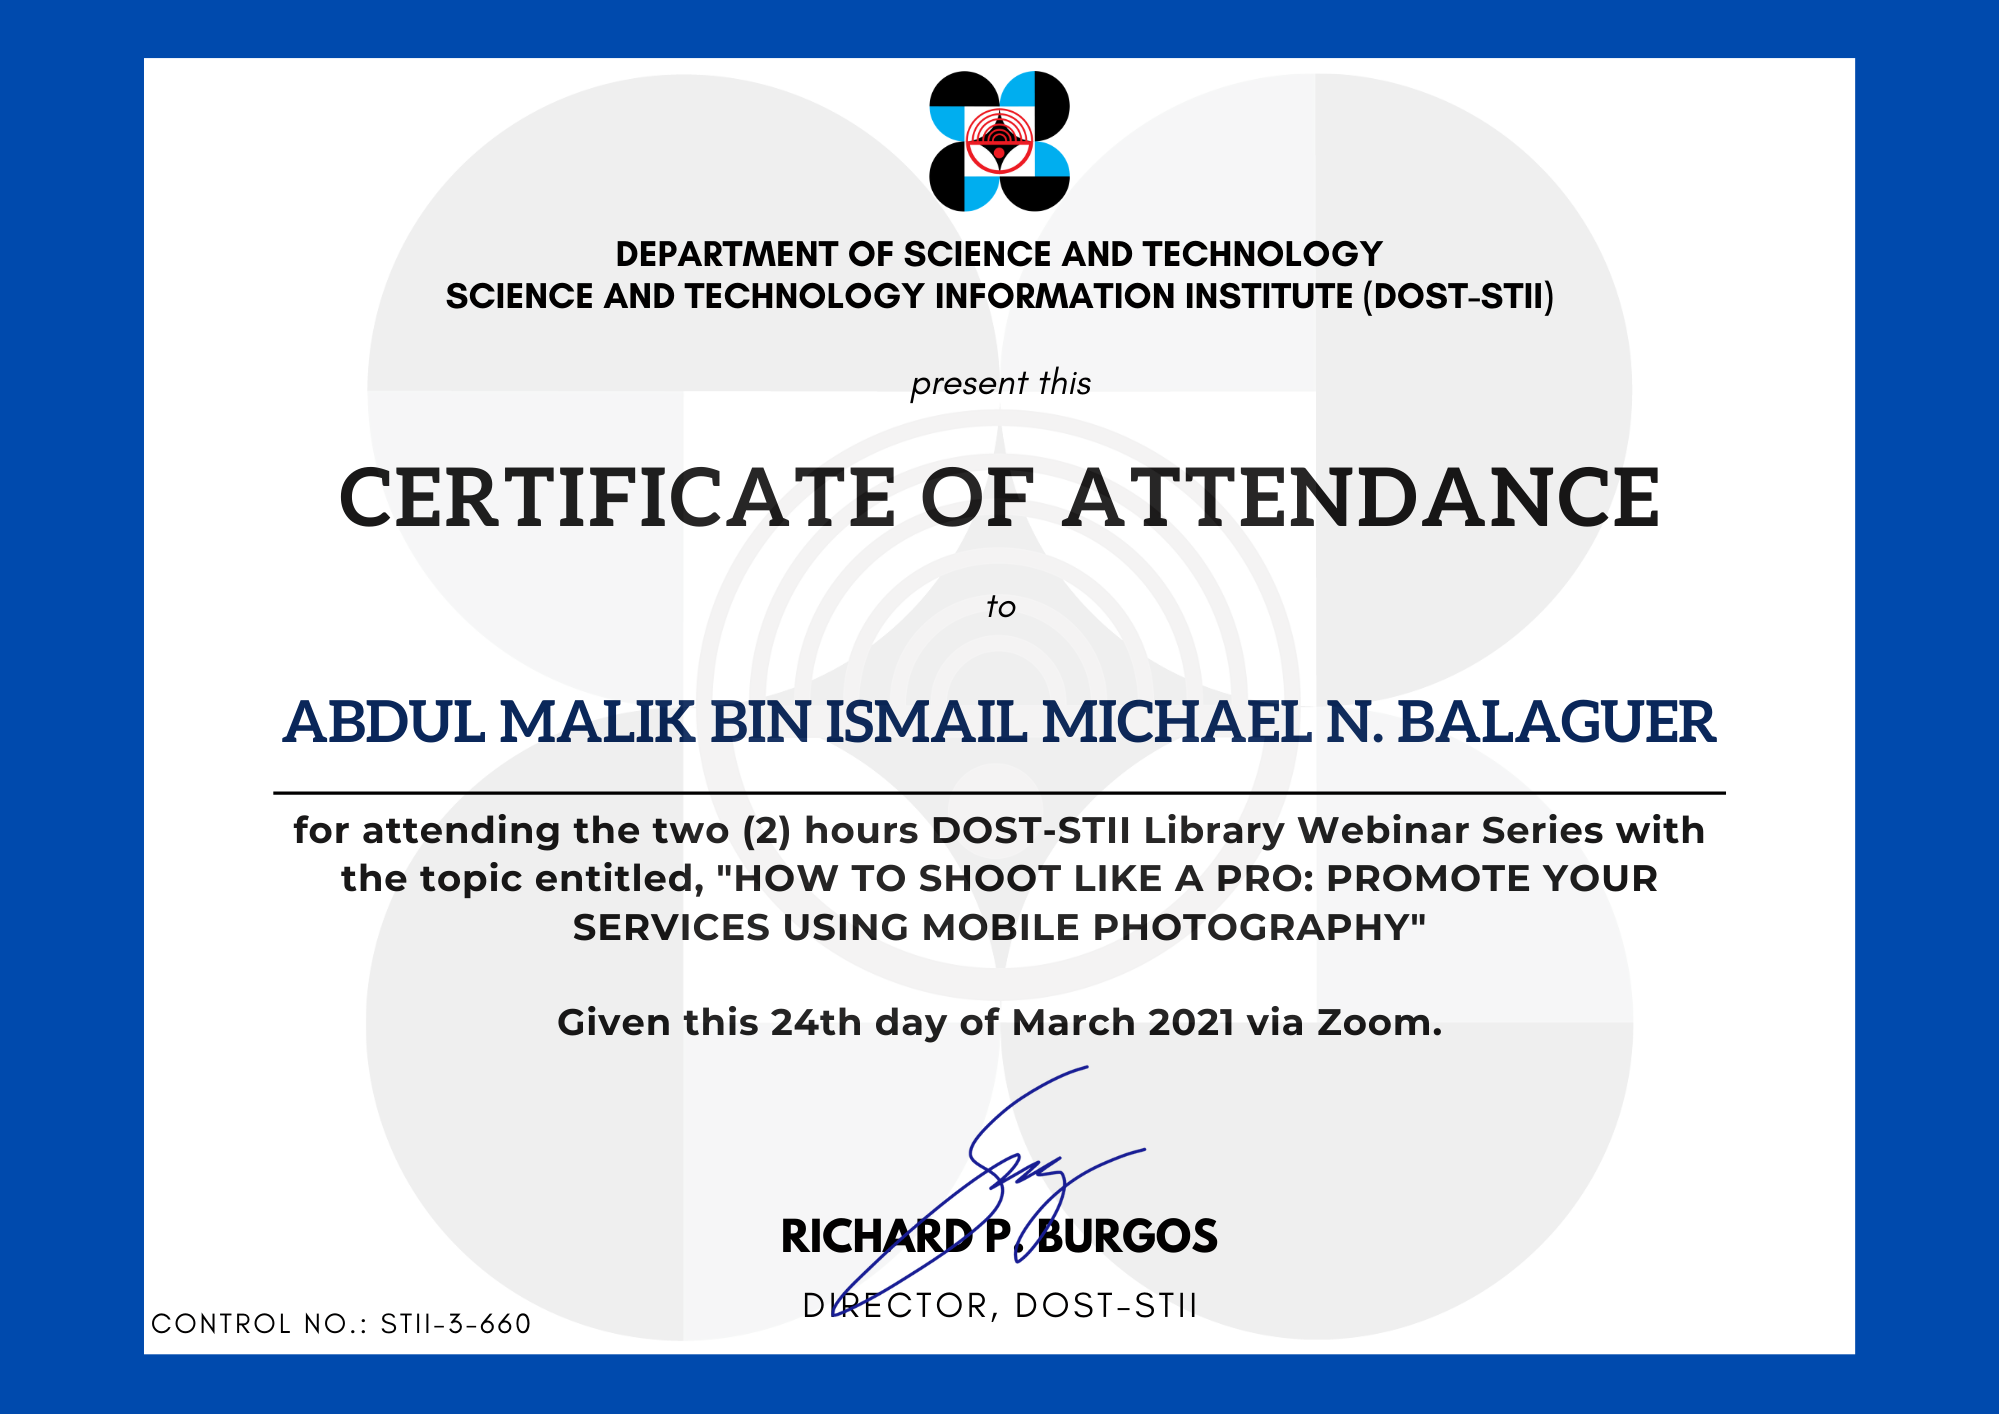 Abdul Malik Bin Ismail Michael N. Balaguer